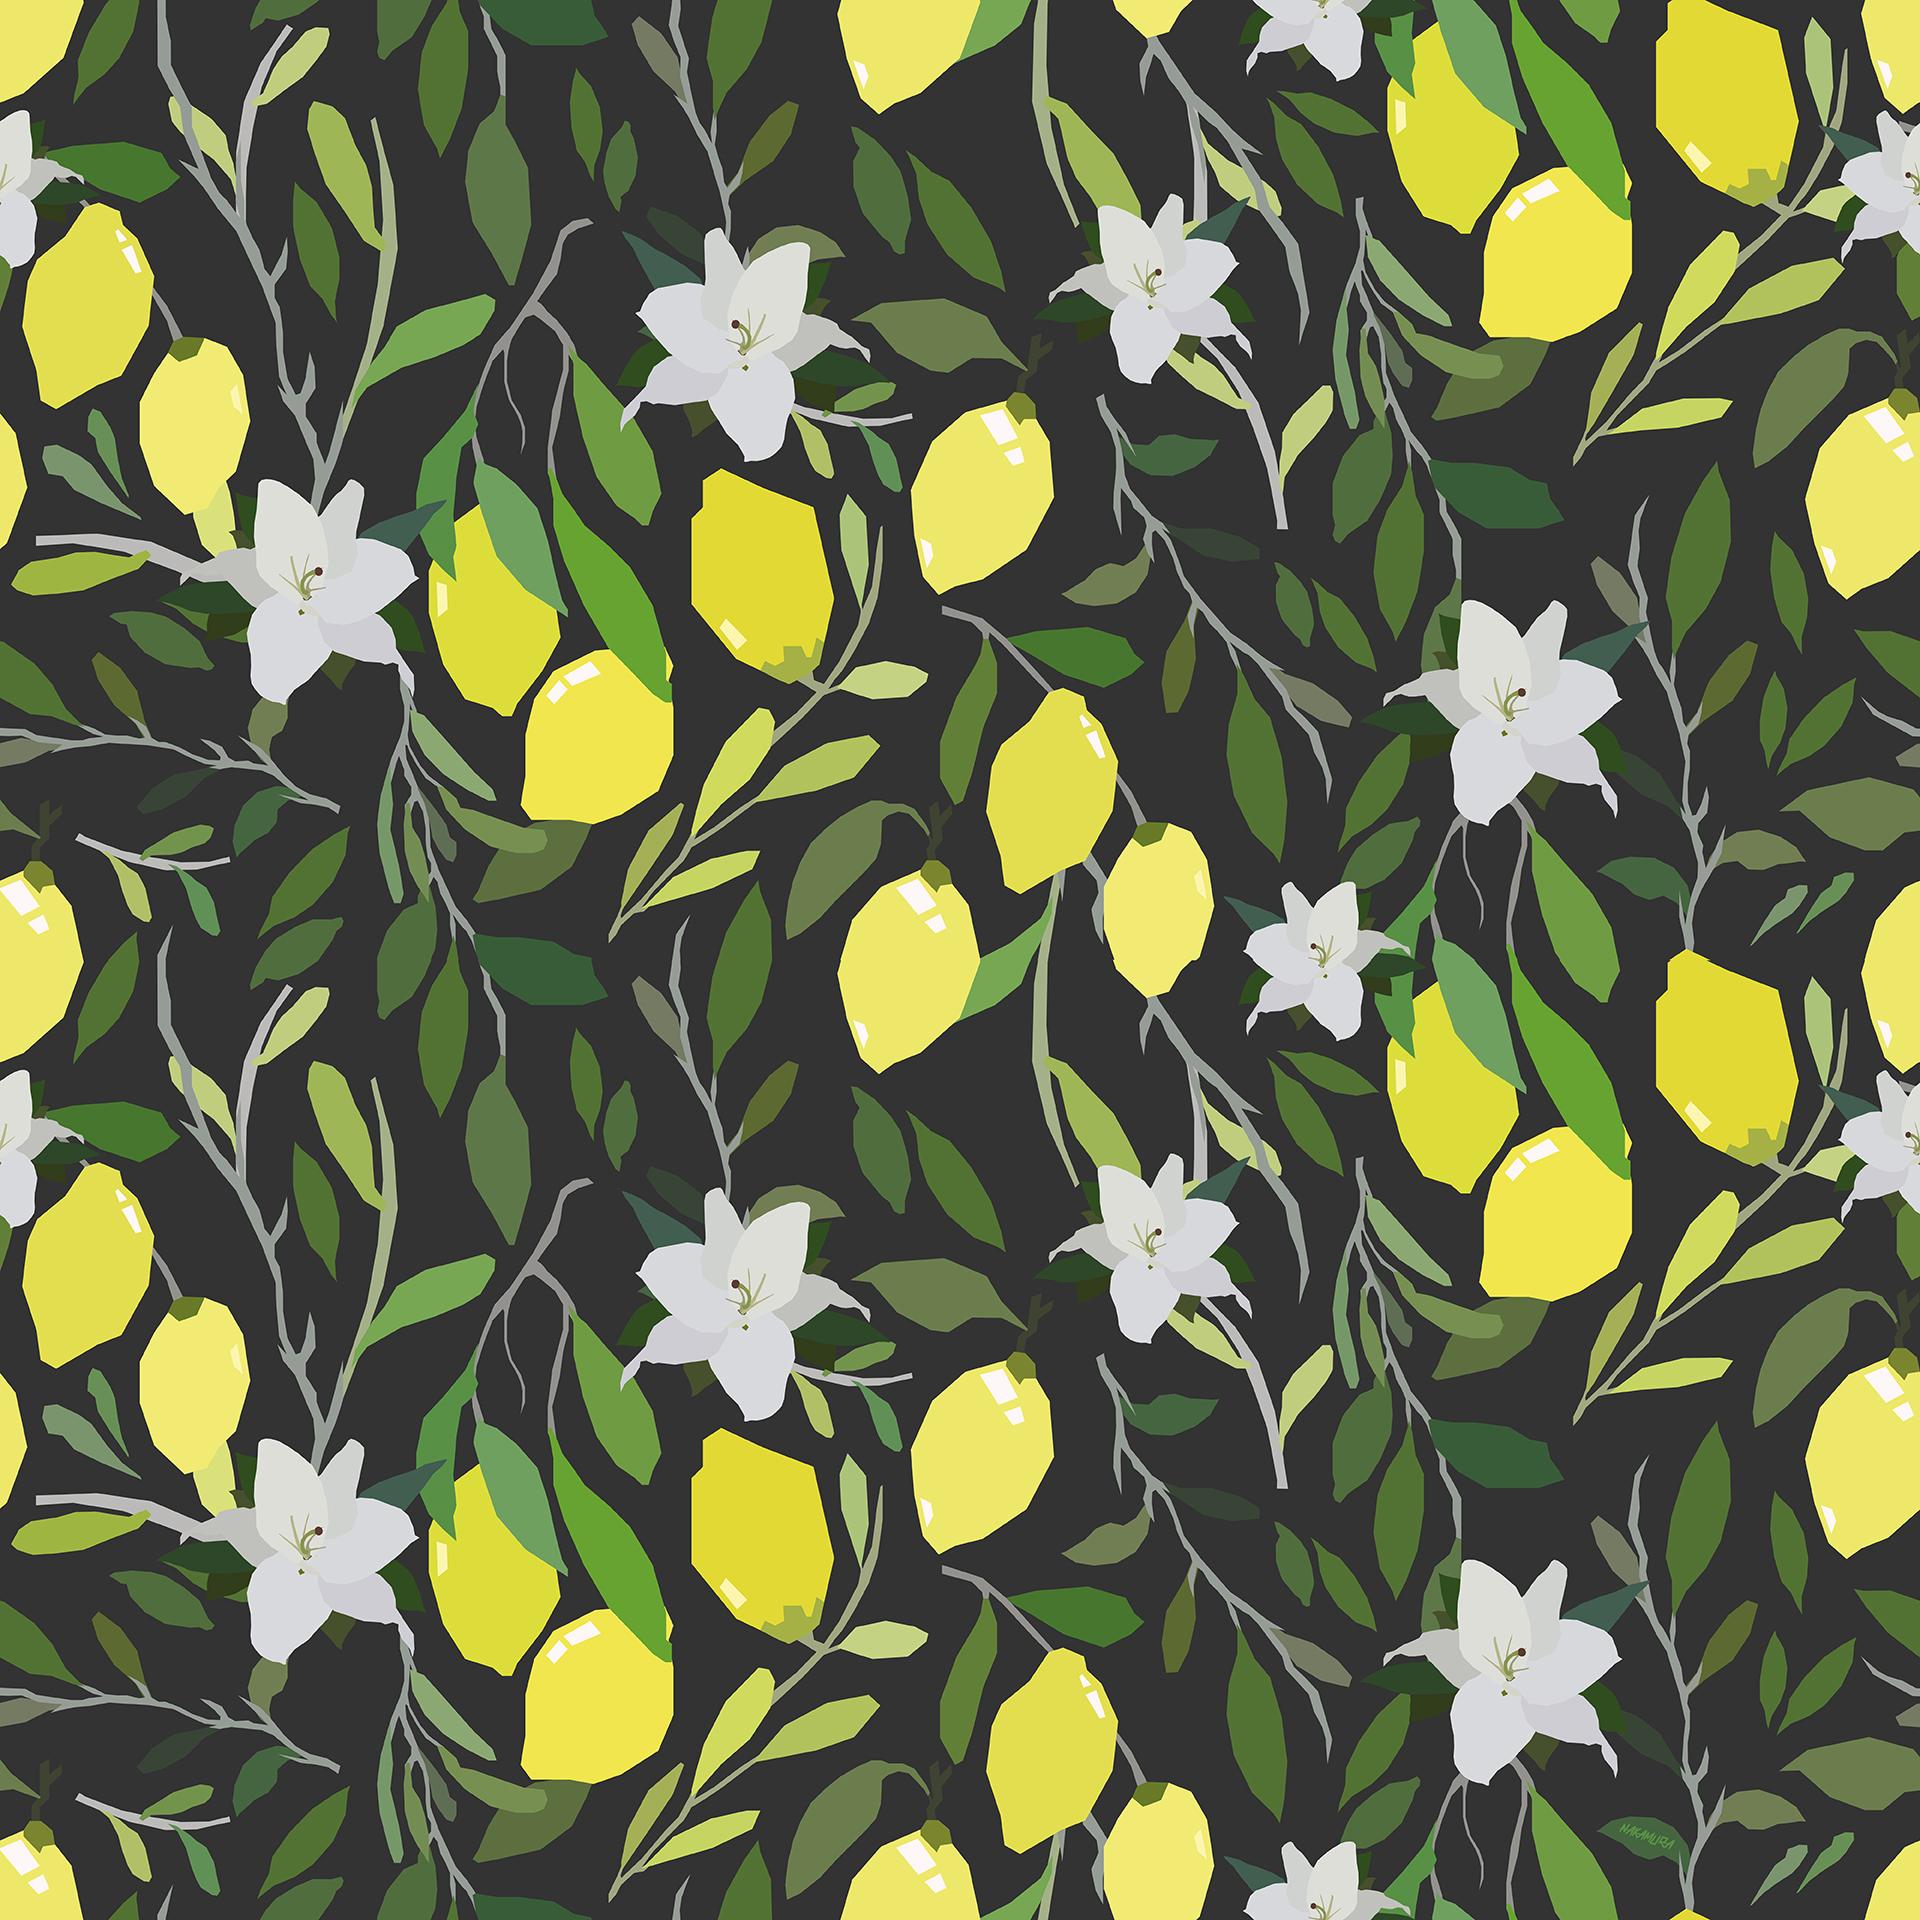 Lemon Fresh - Black